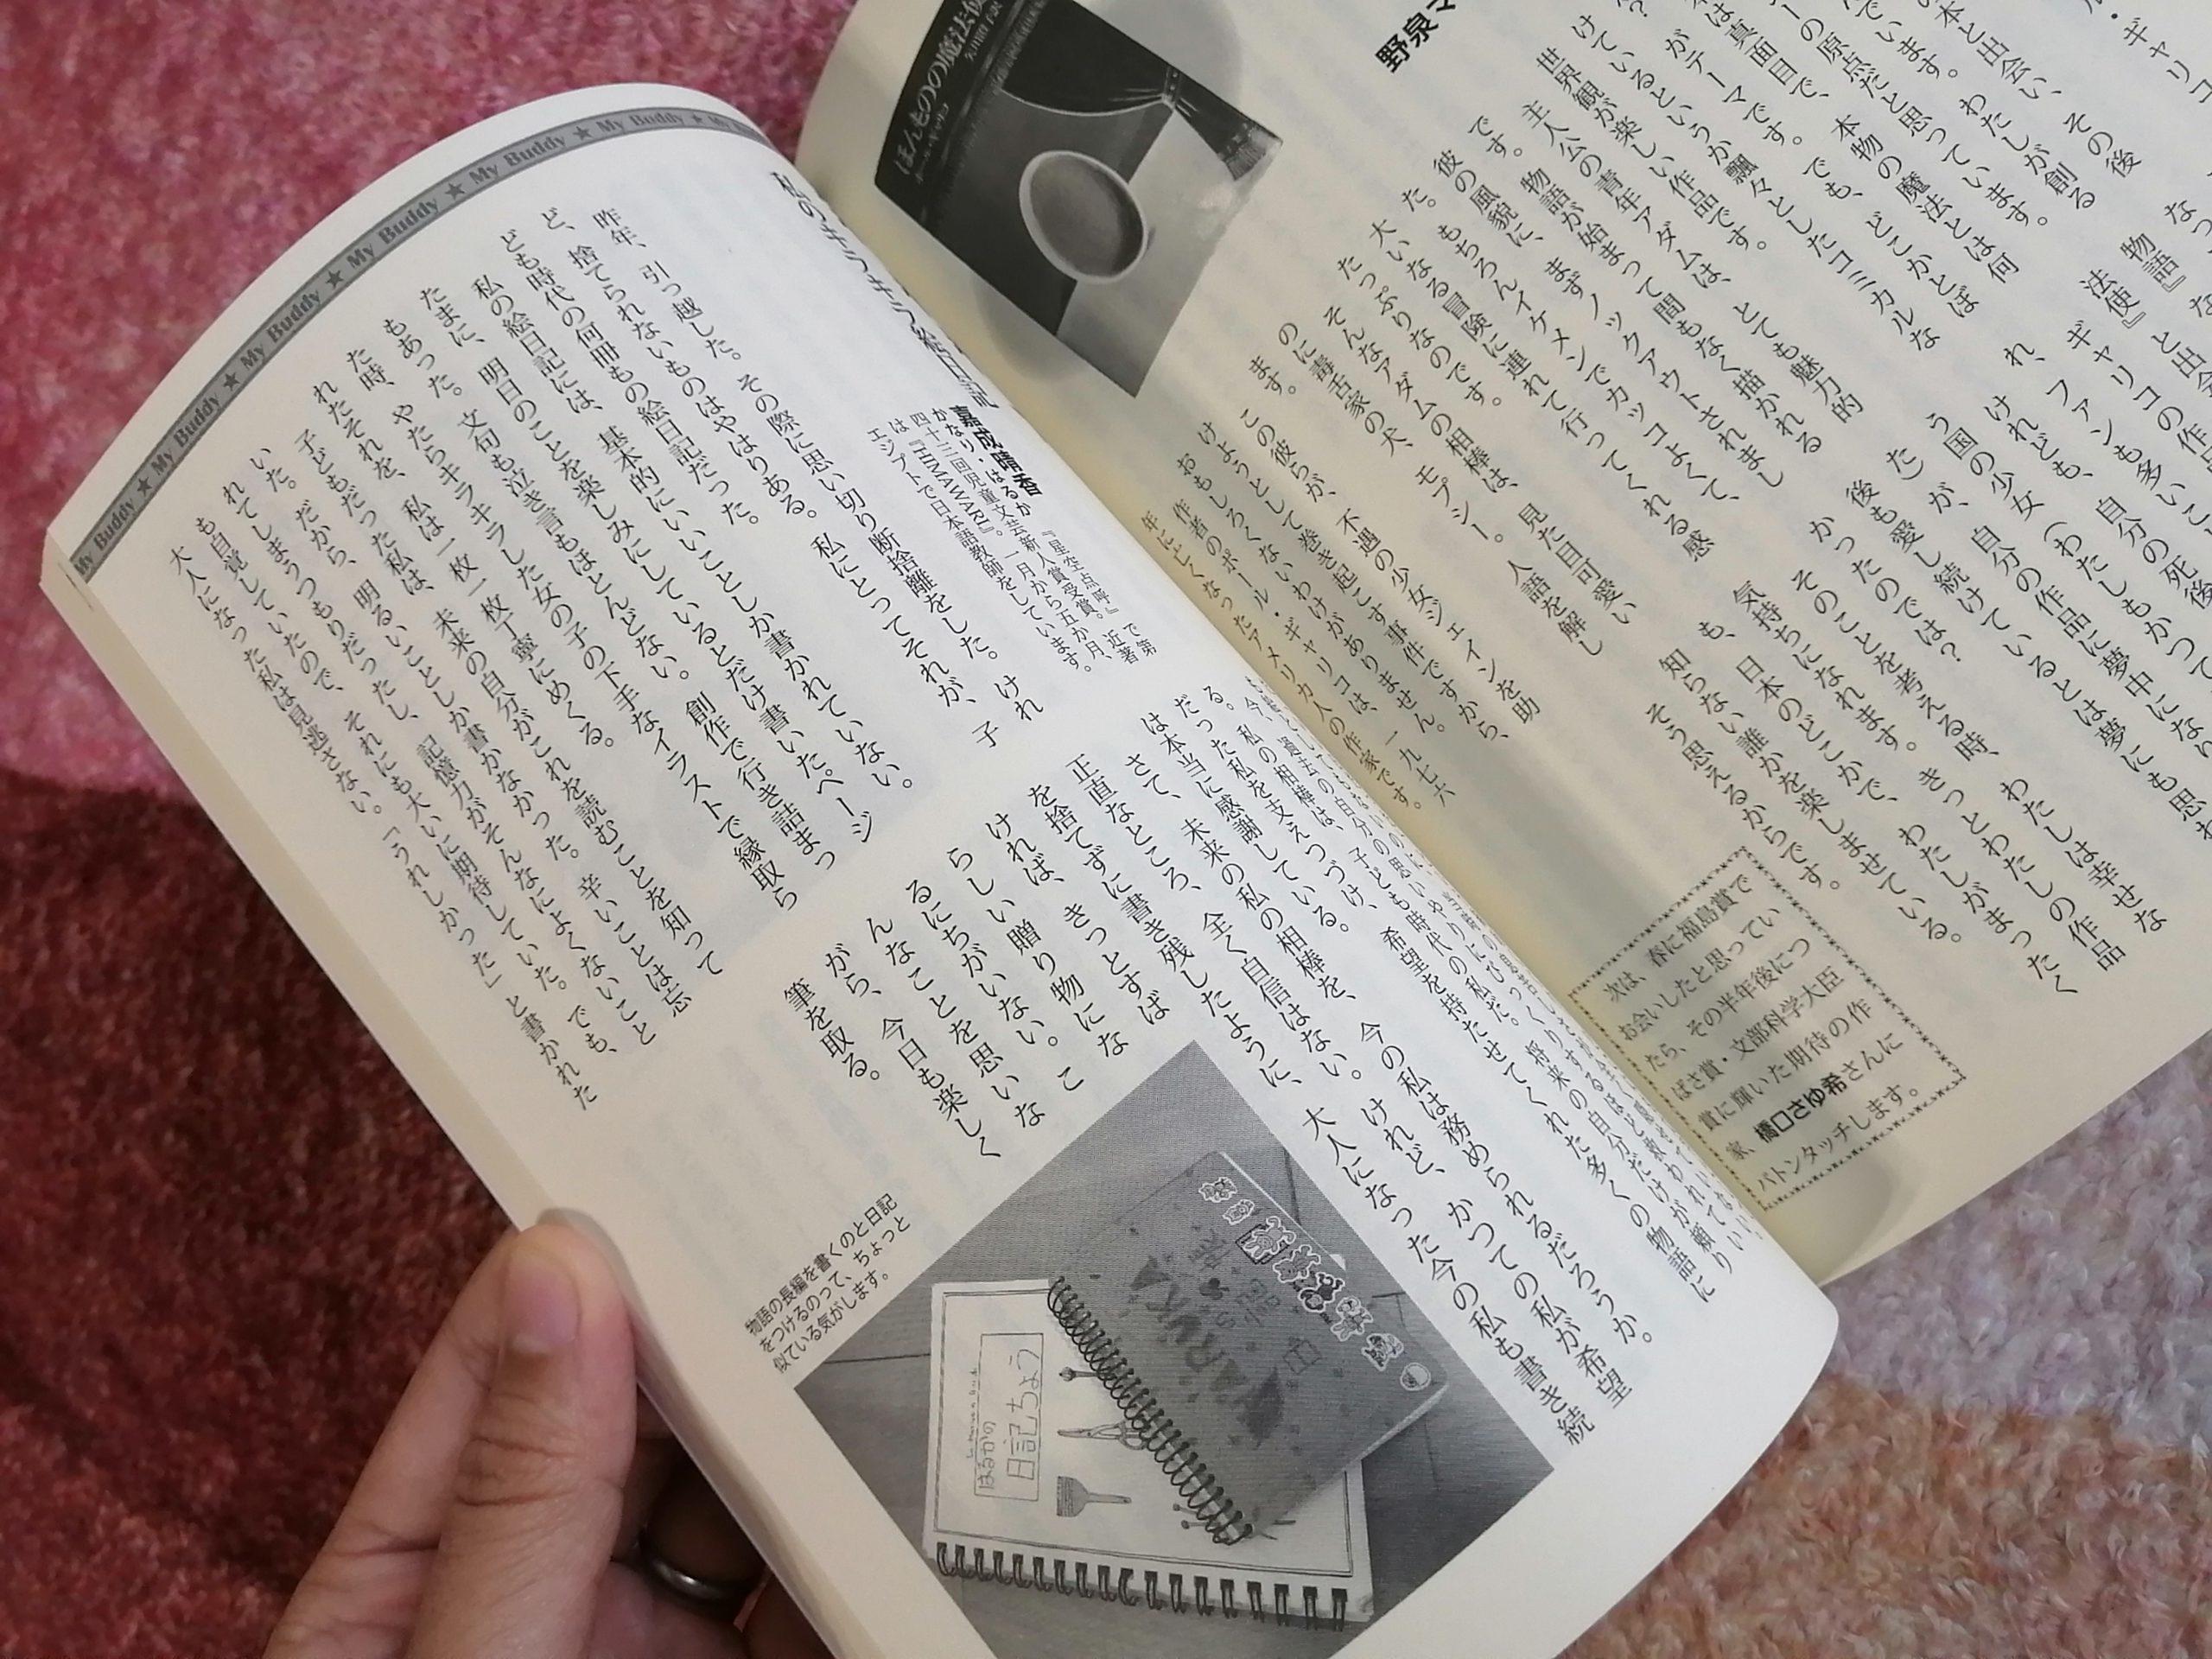 季刊誌・児童文芸「私の相棒」コーナー